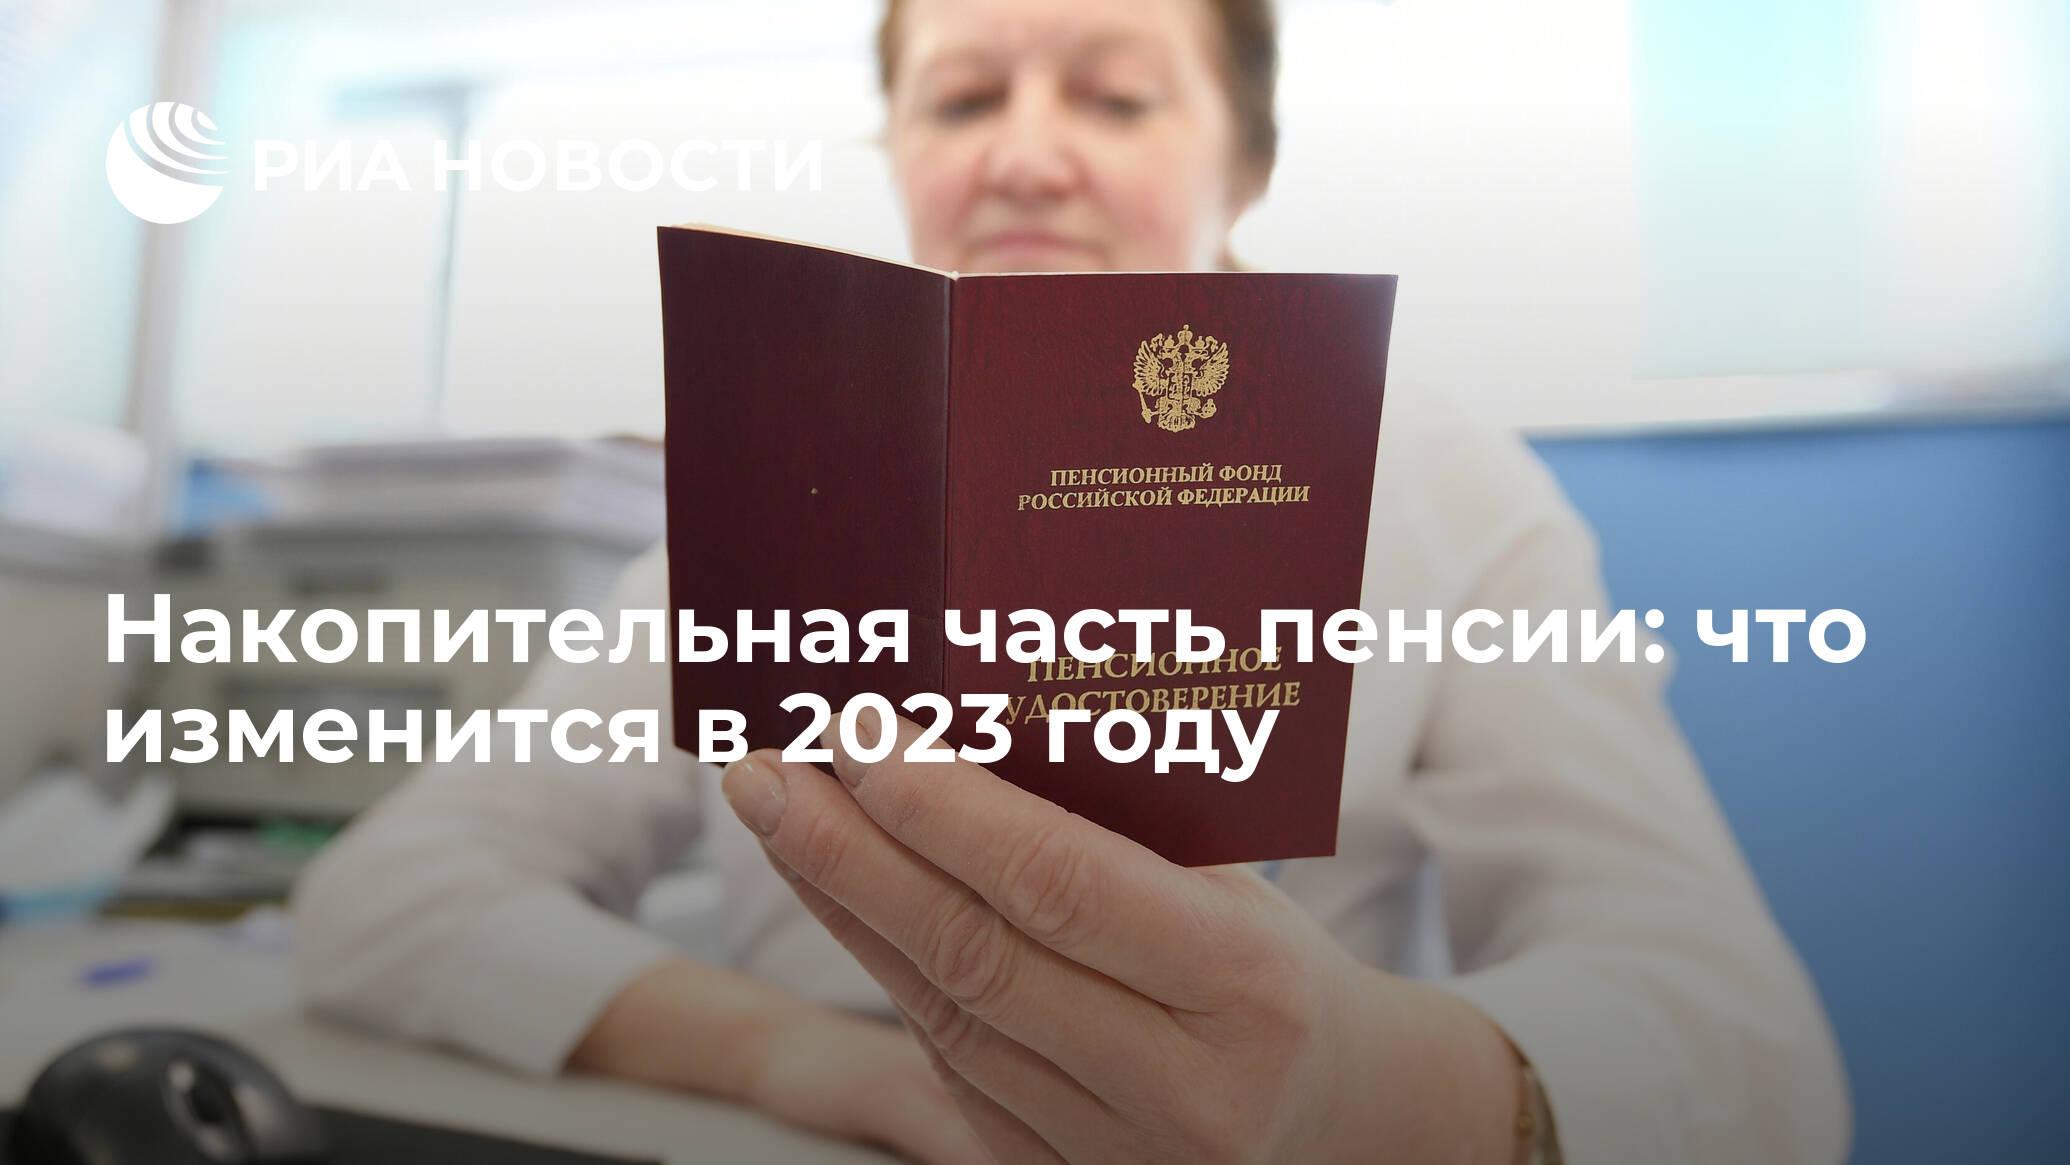 Кто может получить страховую часть пенсии единовременно в 2021 минимальная пенсия в москве в 2021 для неработающих пенсионеров по старости